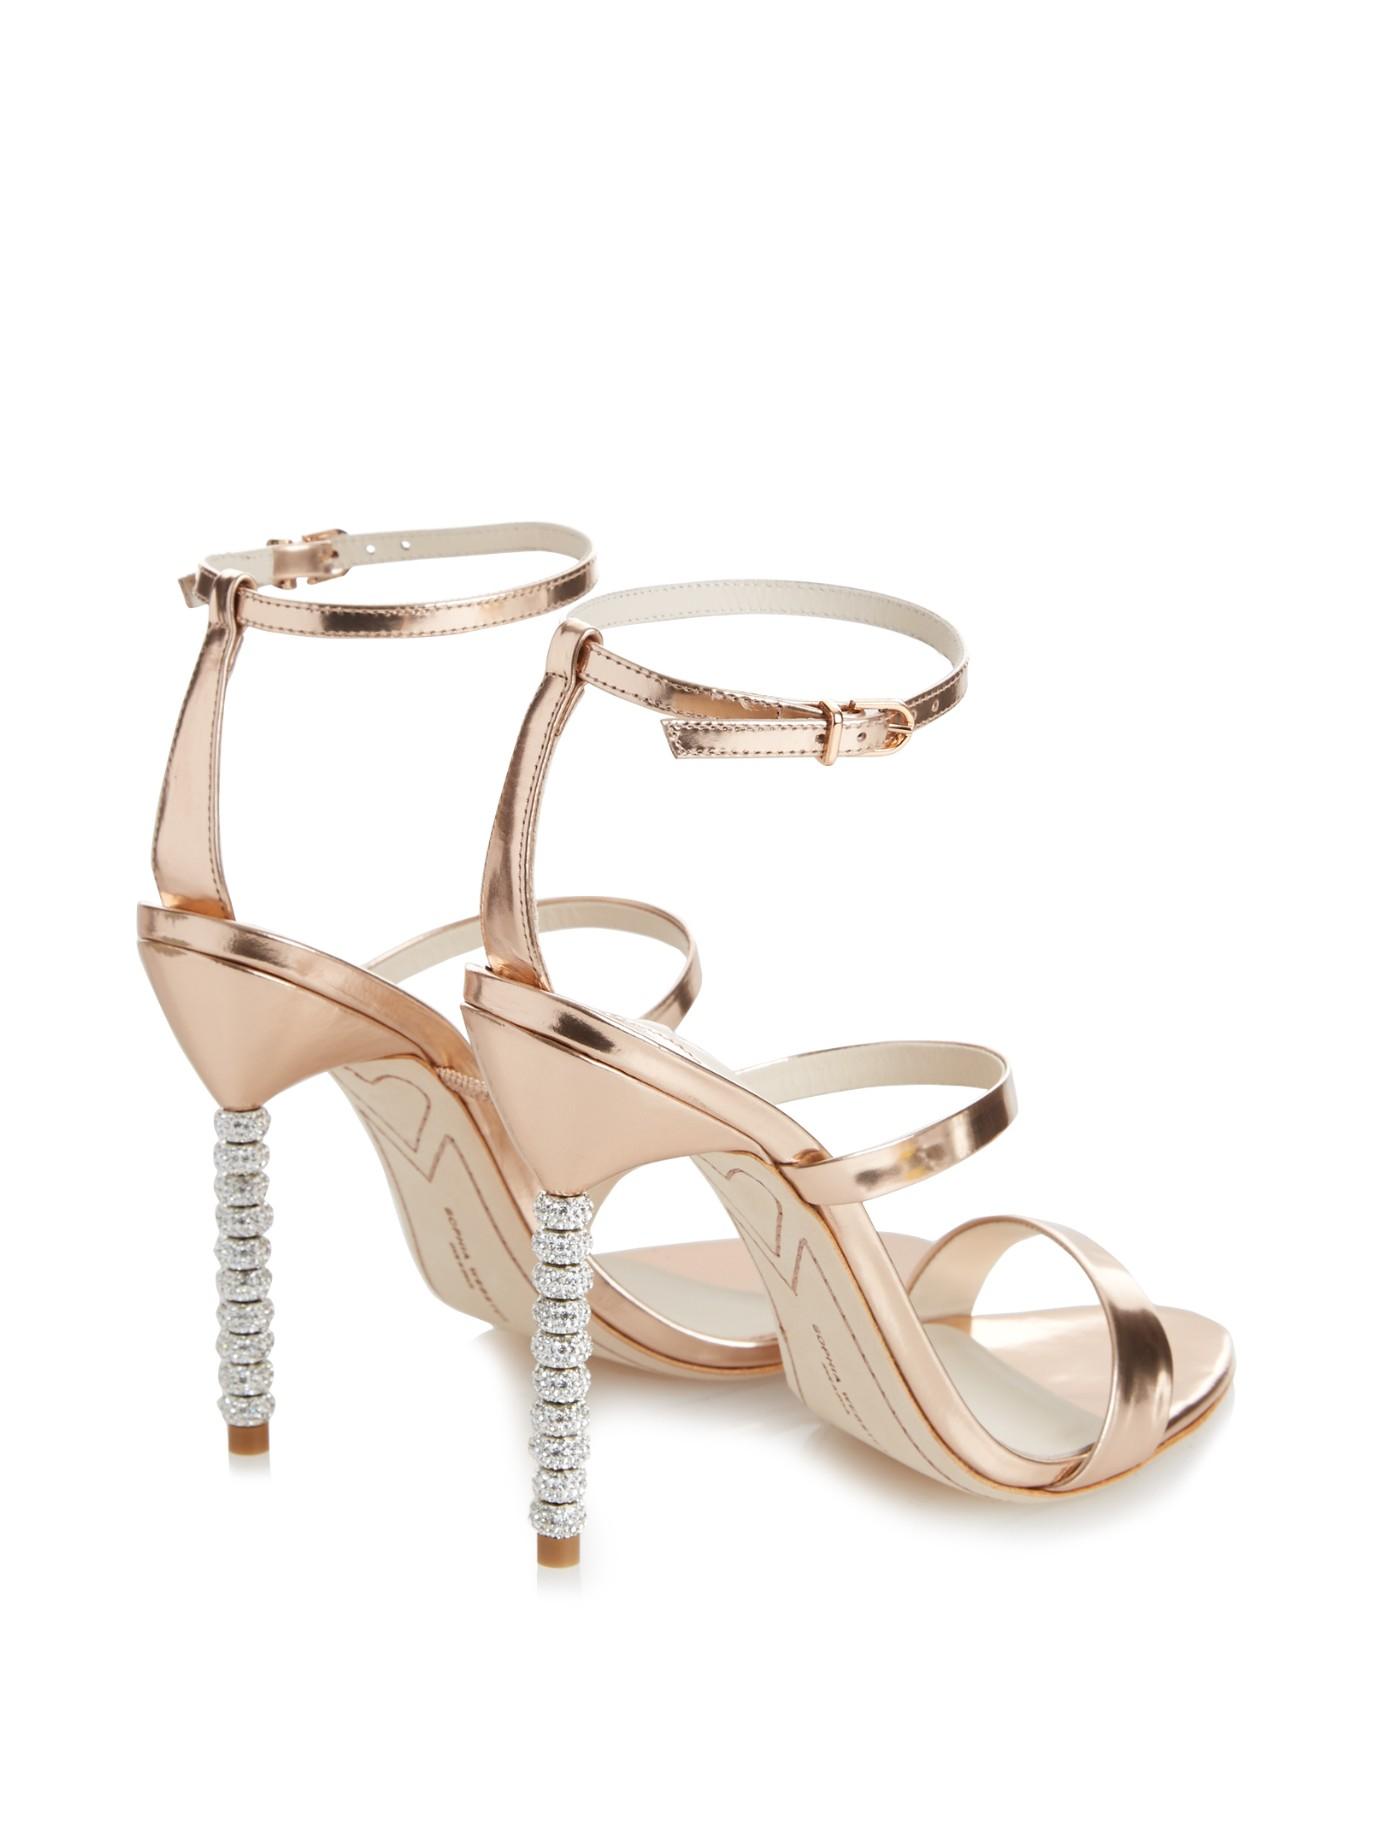 Rosalind Crystal-embellished Glittered Canvas Sandals - Gold Sophia Webster 9TZ7hXY1